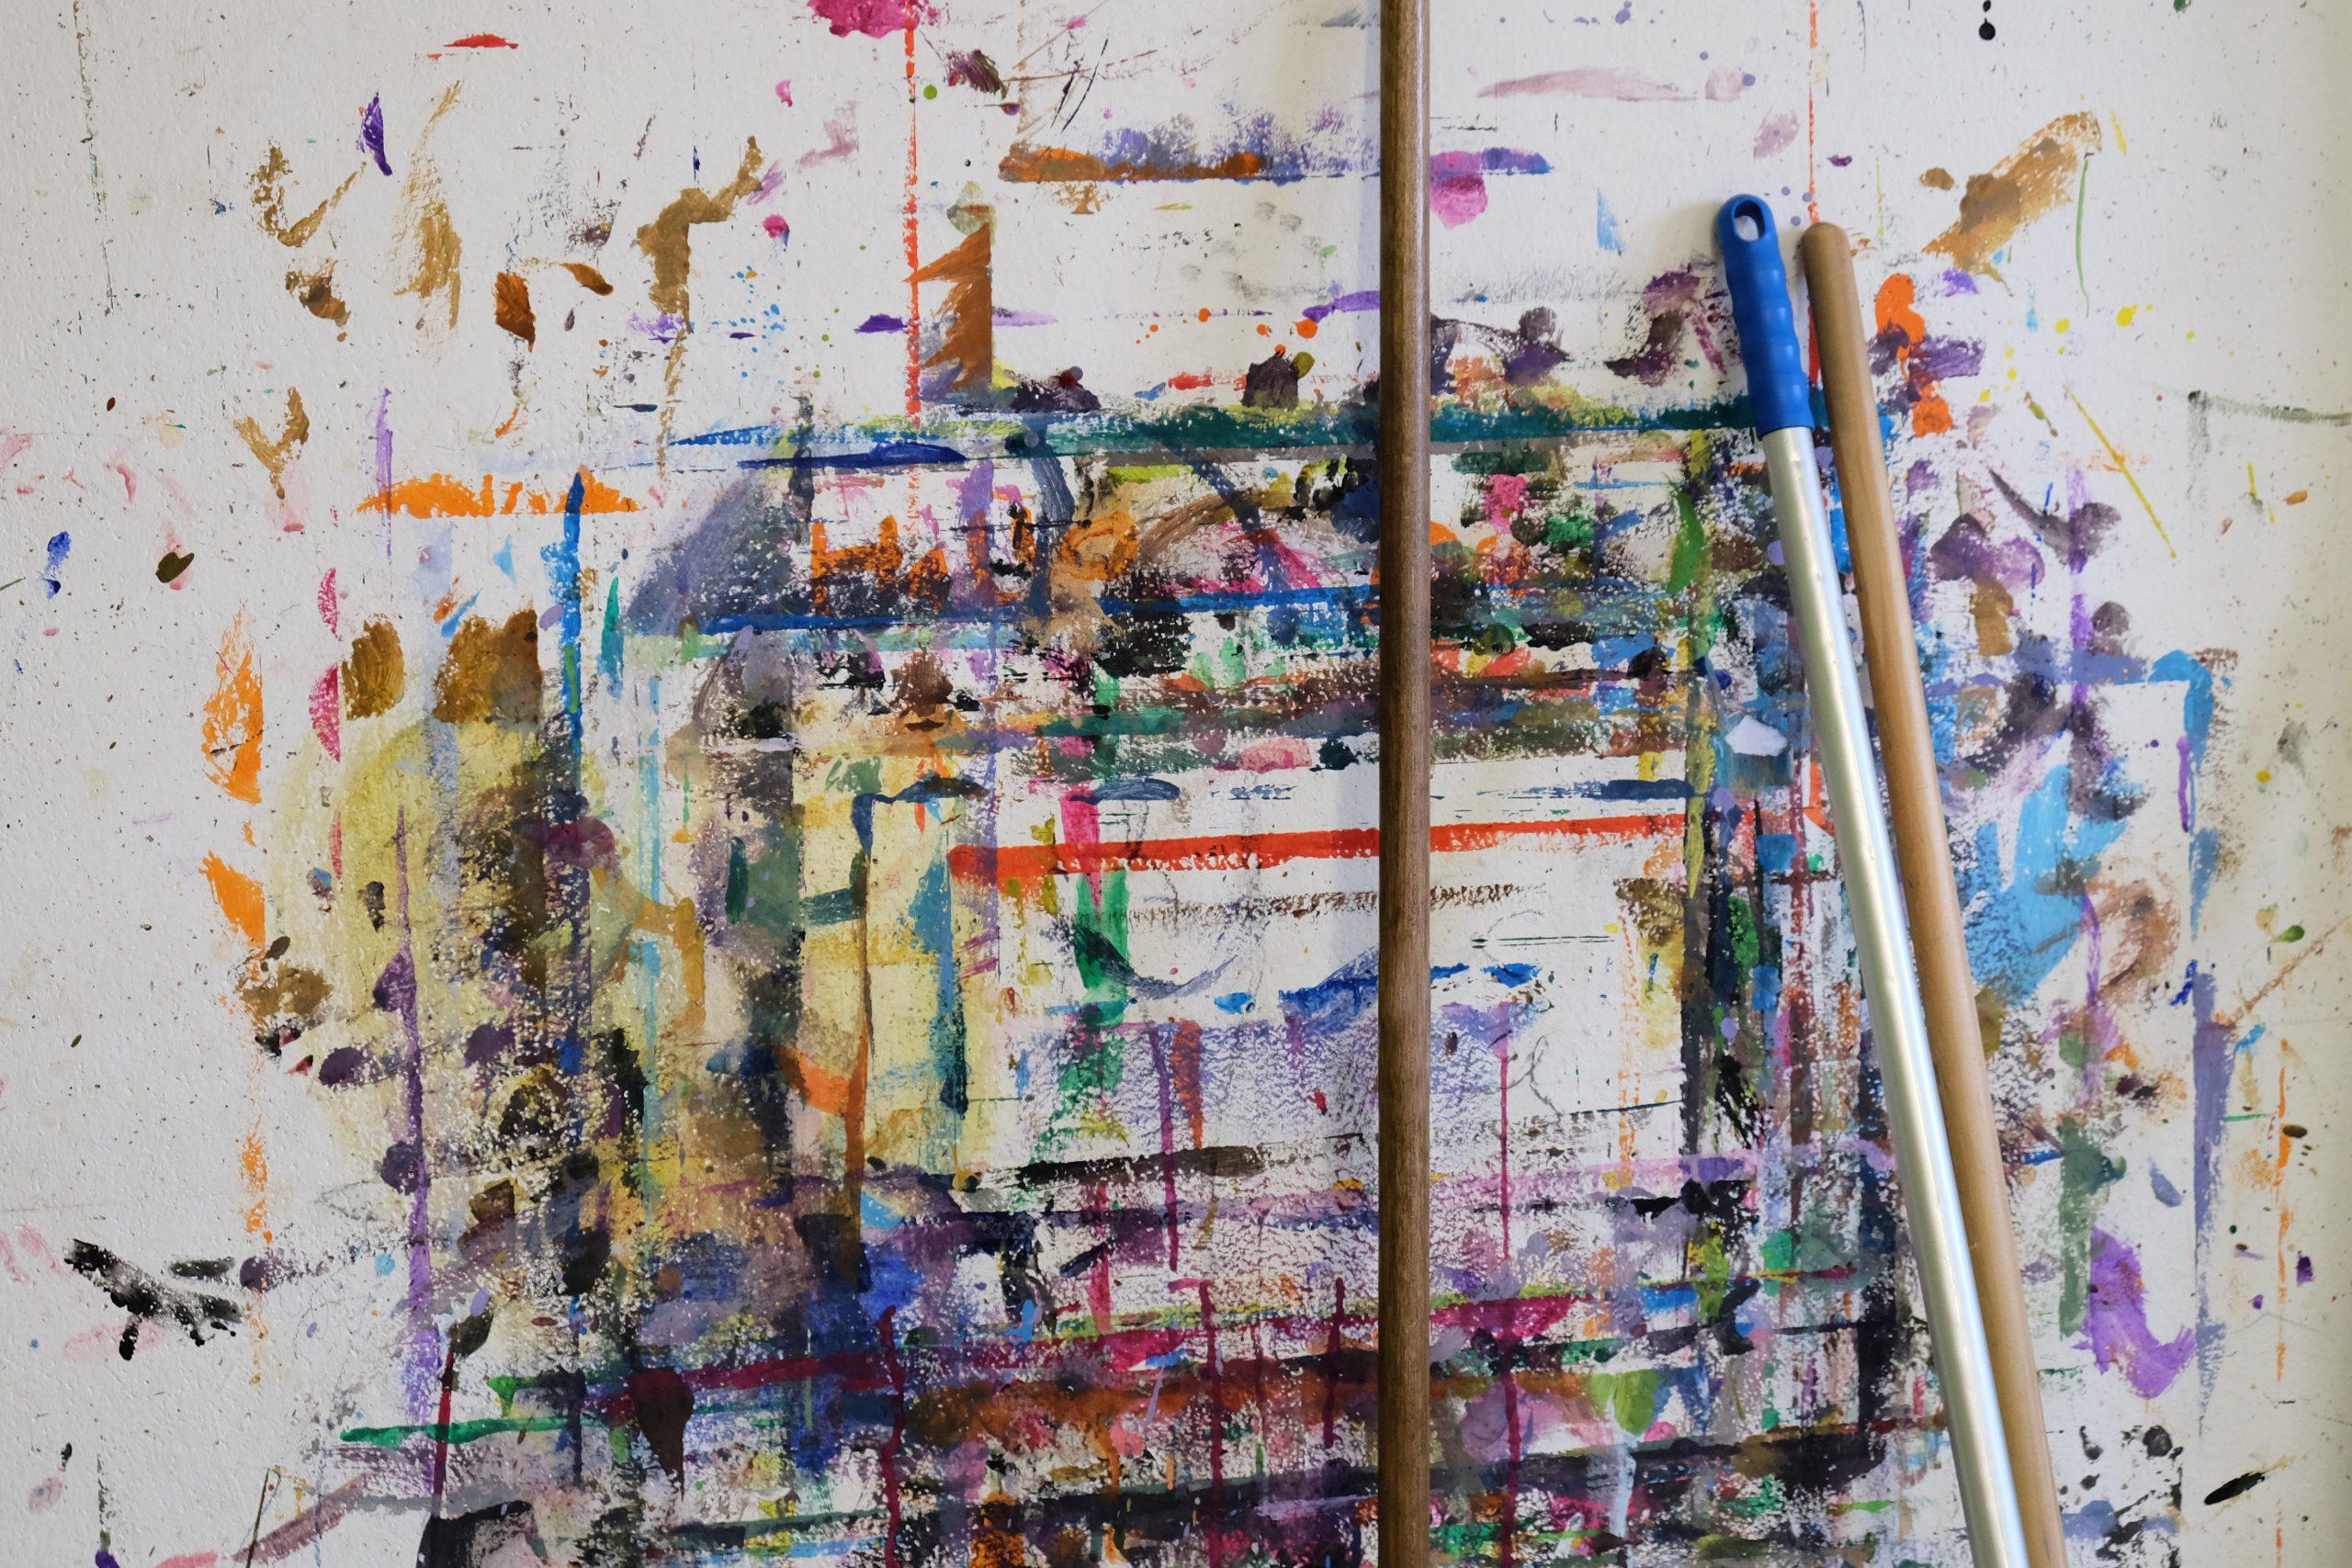 Wand mit bunten Farbklecksen und Besenstielen davor